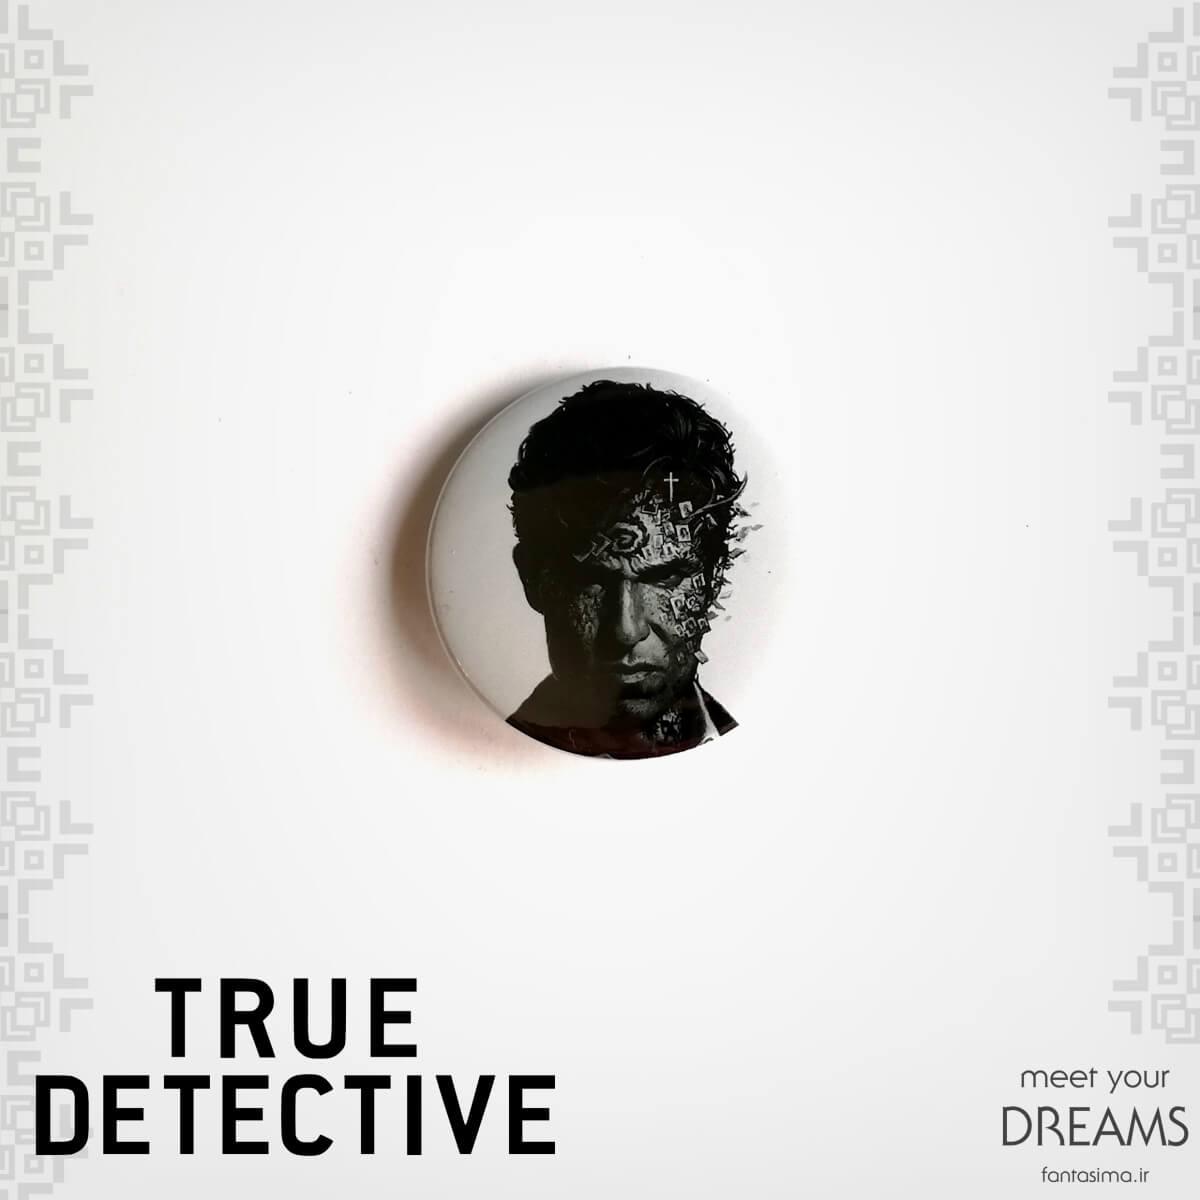 پیکسل فلزی راستین کول - true detective